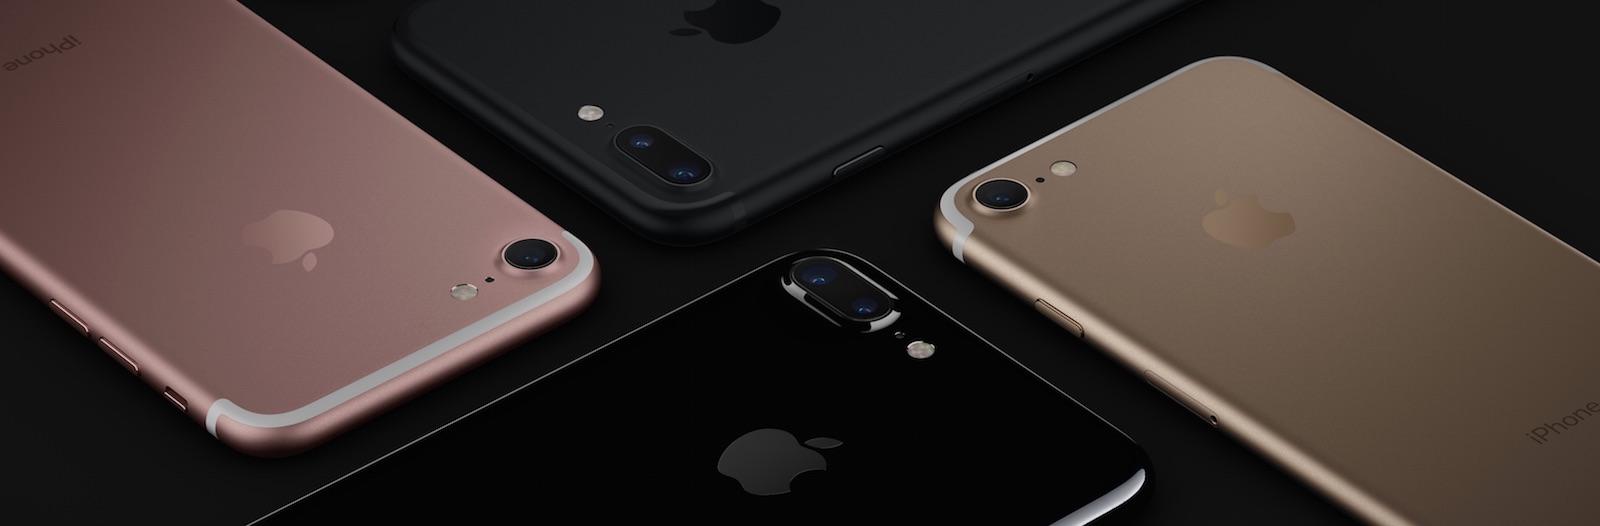 iPhone 7 iPhone 7 Plus カラーバリエーション